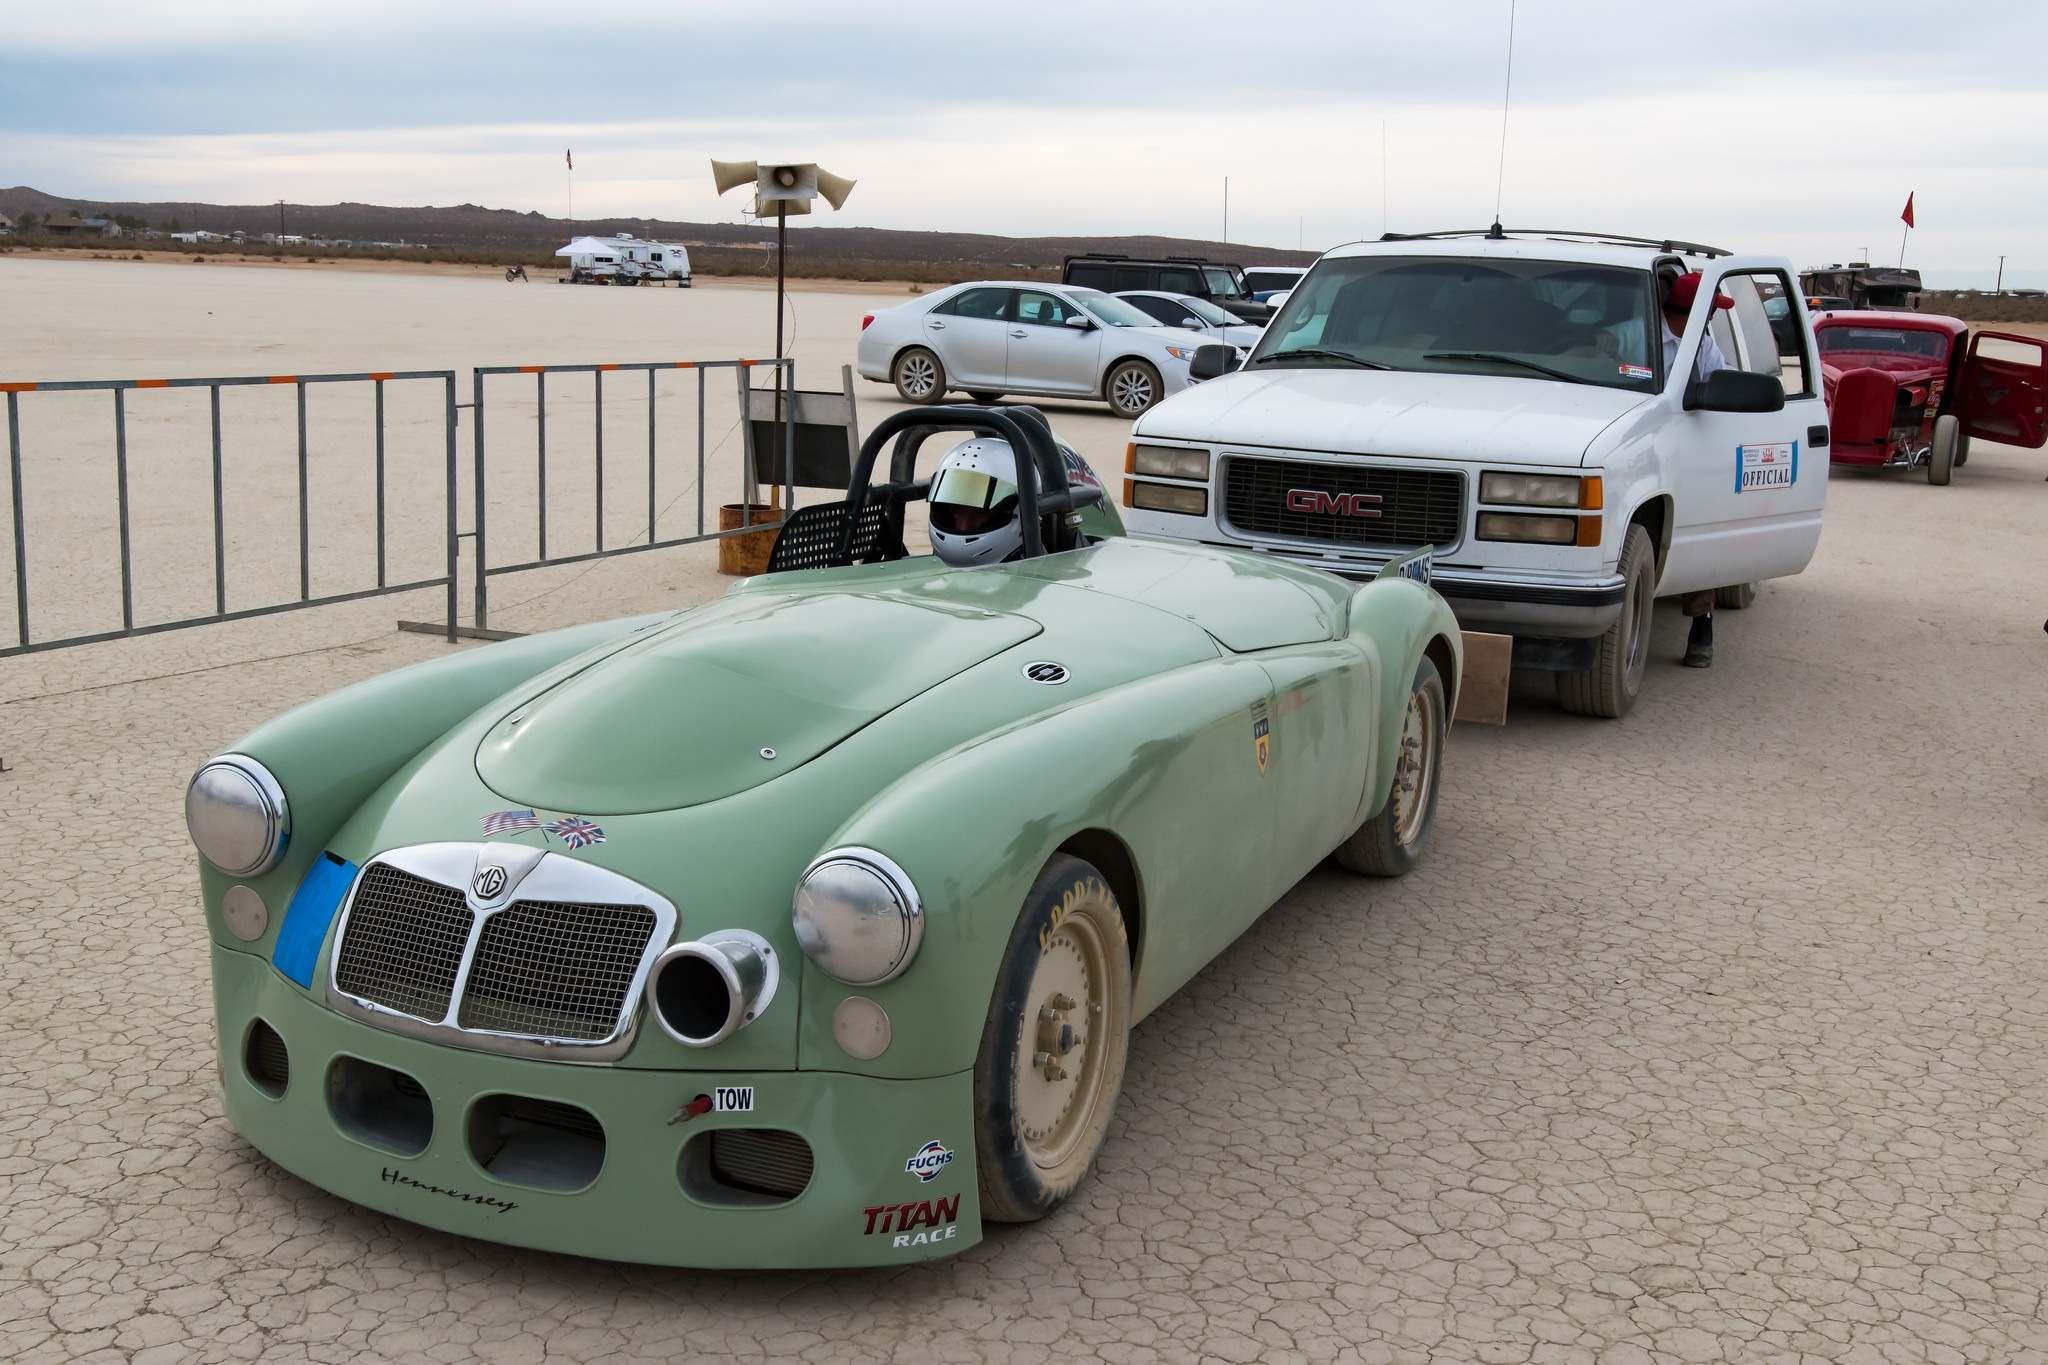 land speed racing11 Speed Racing at El Mirage Dry Lake